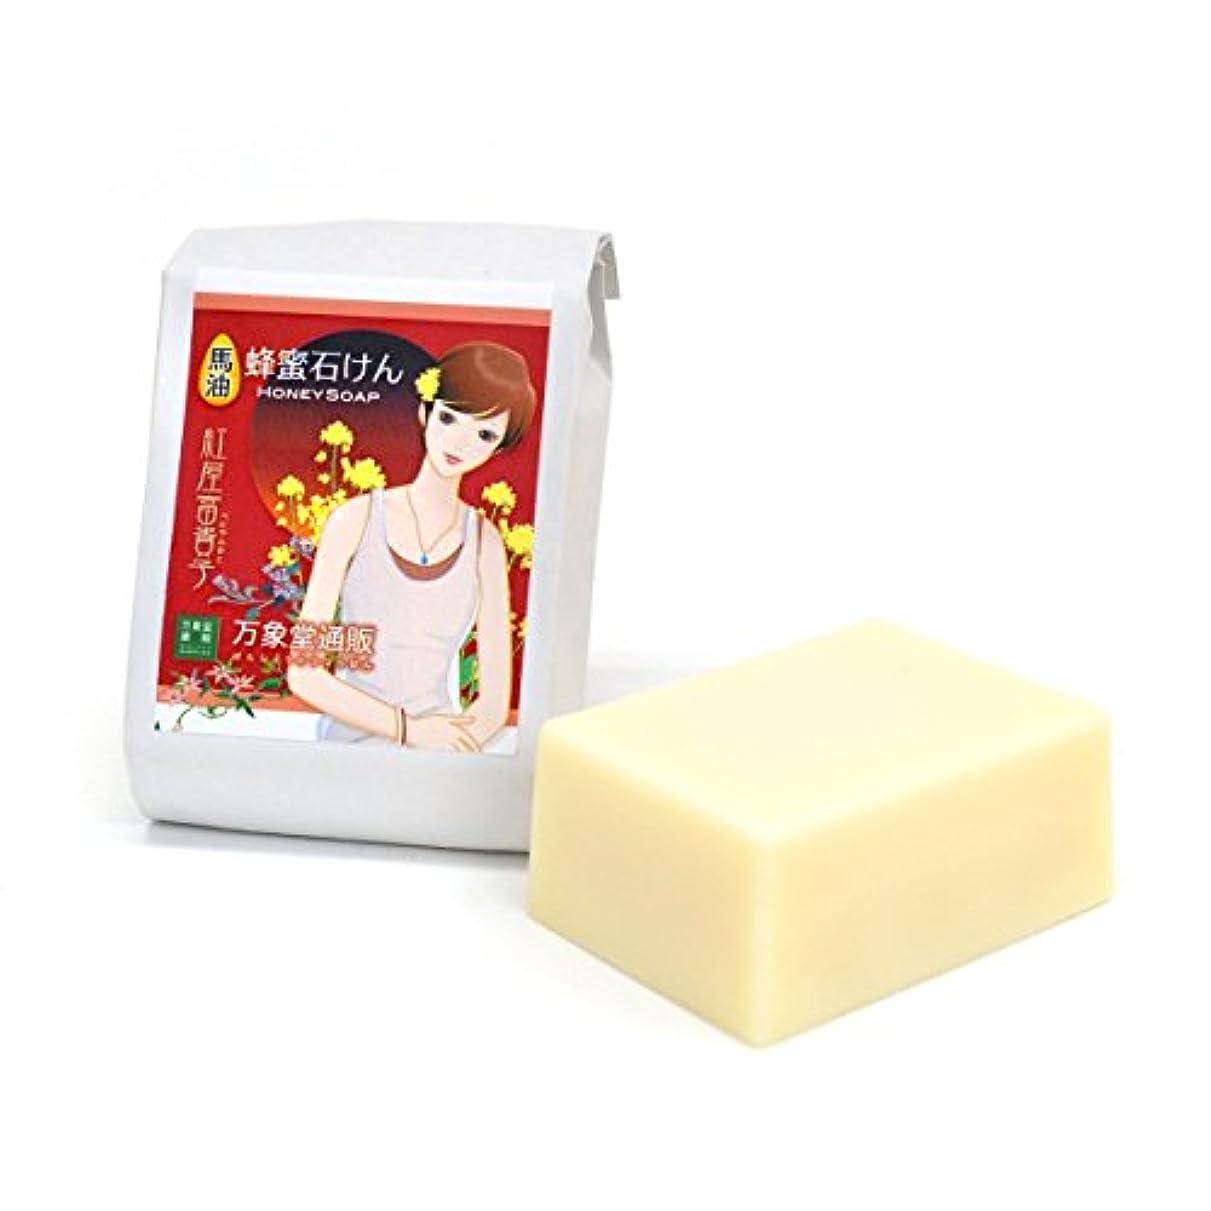 歴史的発明するシャックル森羅万象堂 馬油石鹸 90g(国産)熊本県産 国産蜂蜜配合